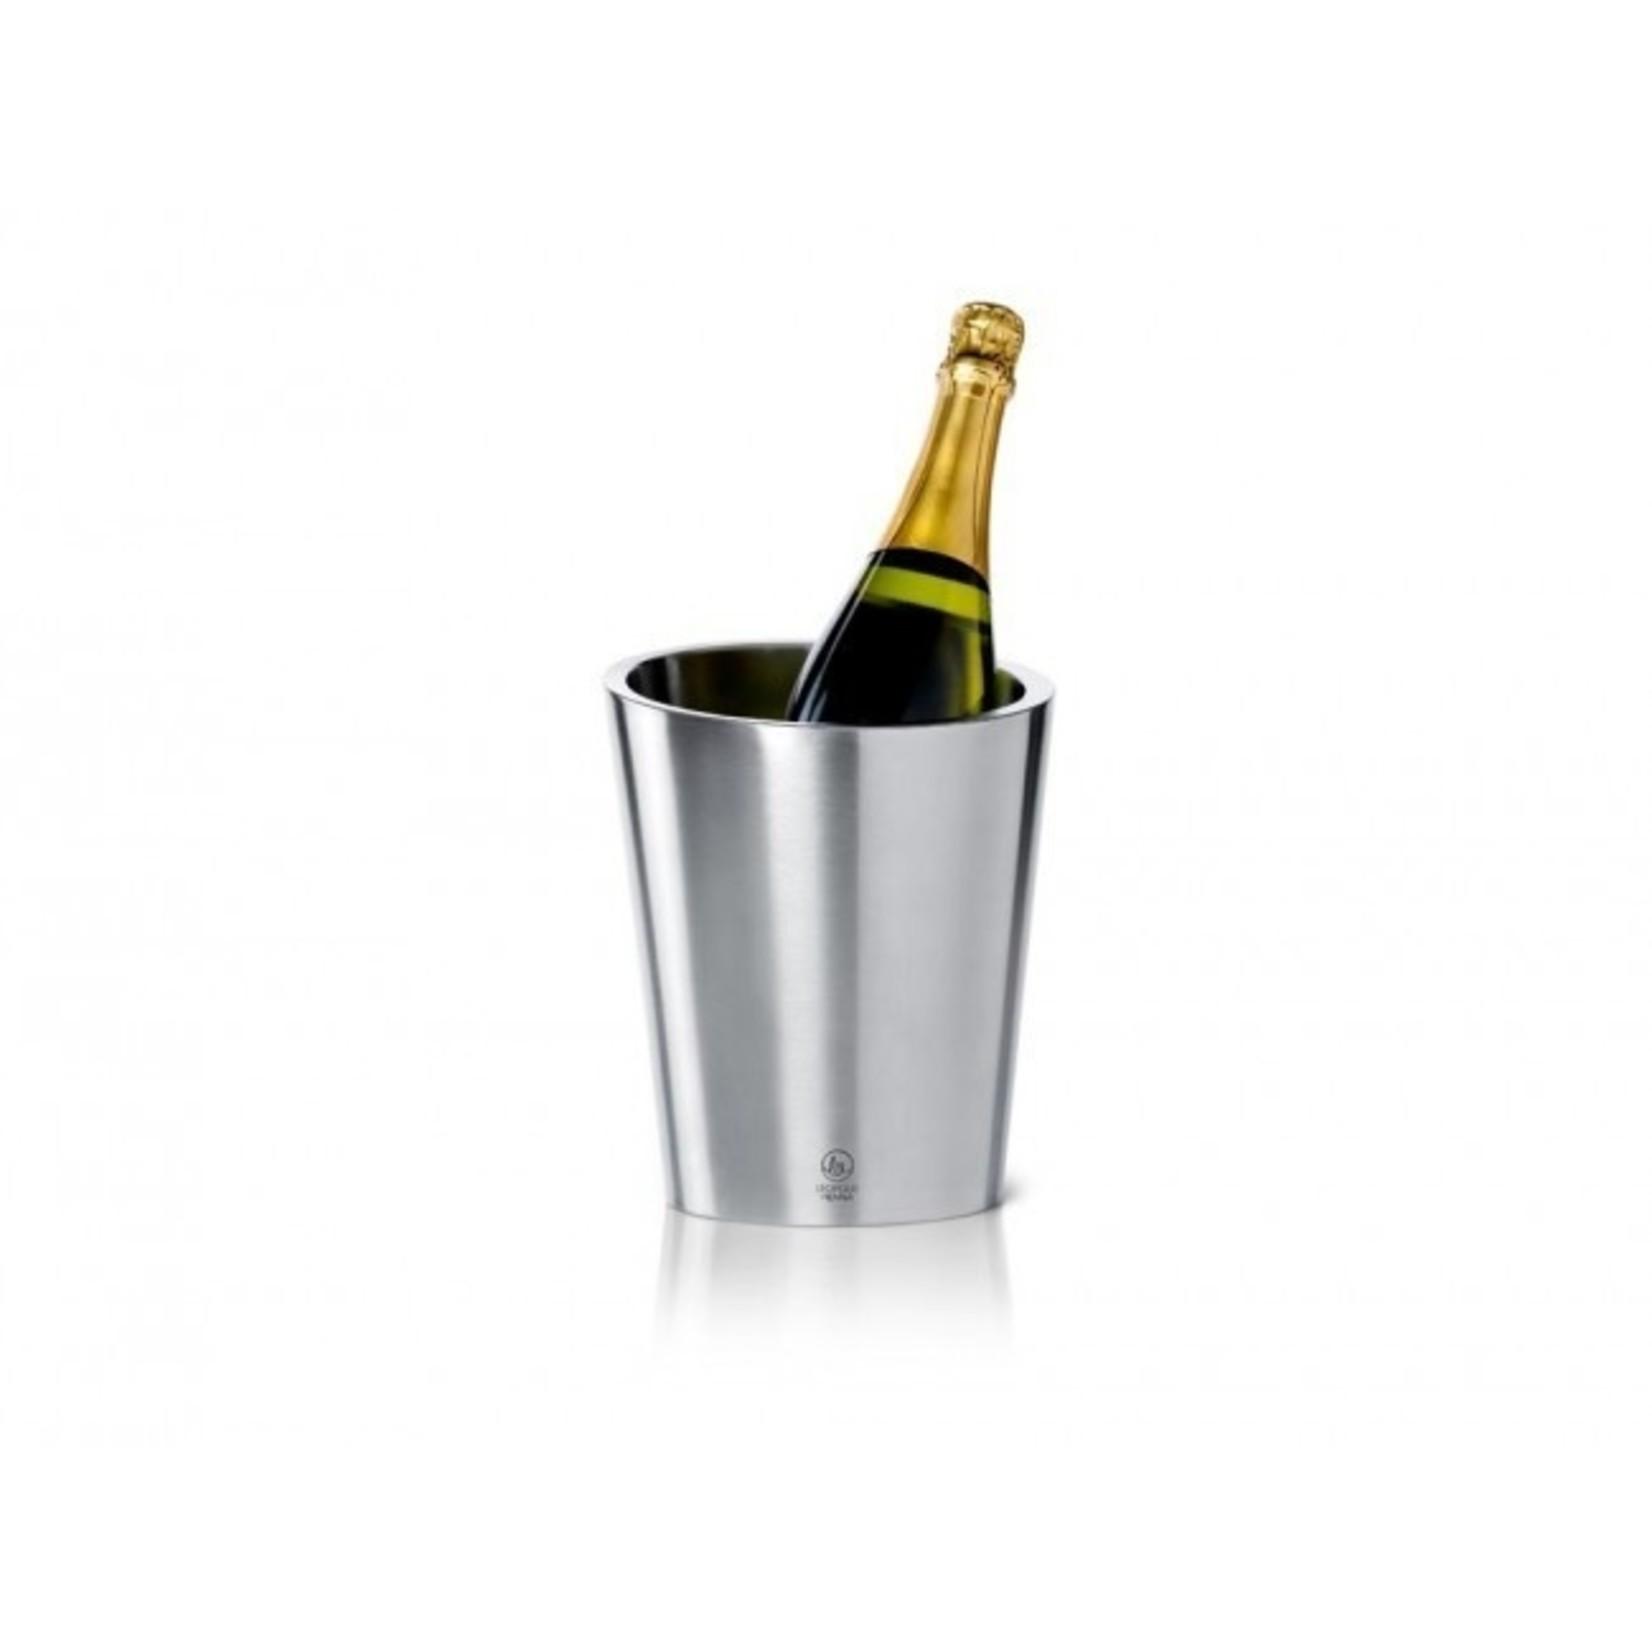 Leopold Vienna Leopold Vienna Champagnekoeler dubbelwandig